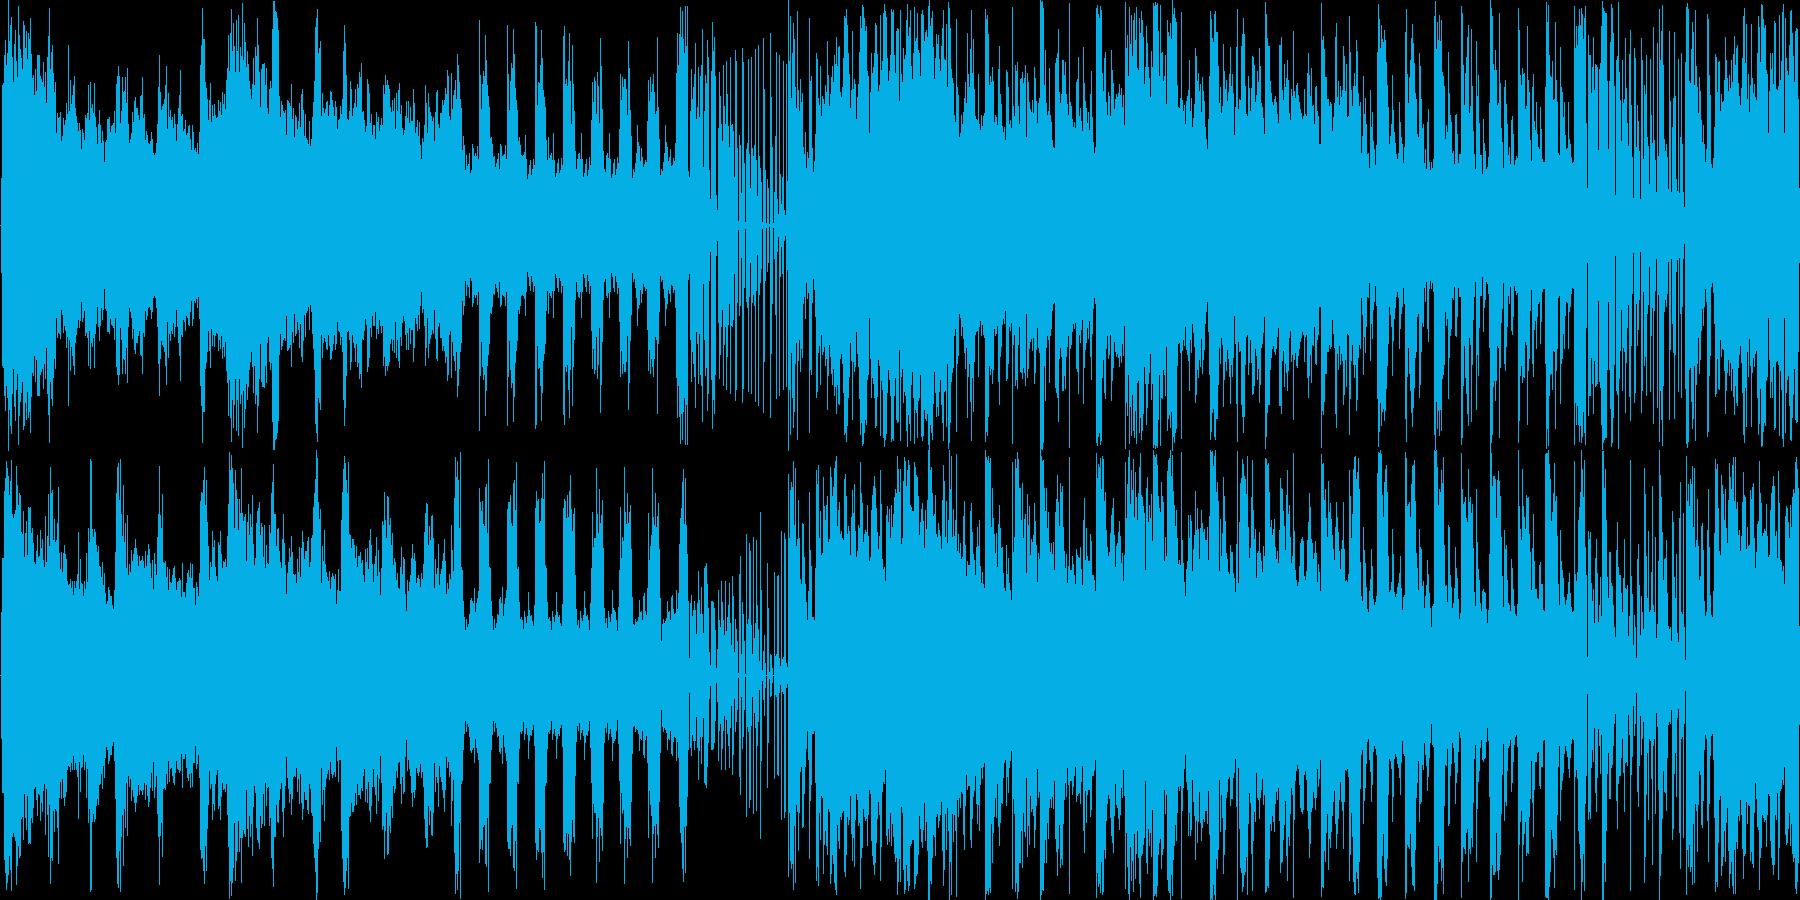 【ゲームスタート/戦闘開始/BGM】の再生済みの波形